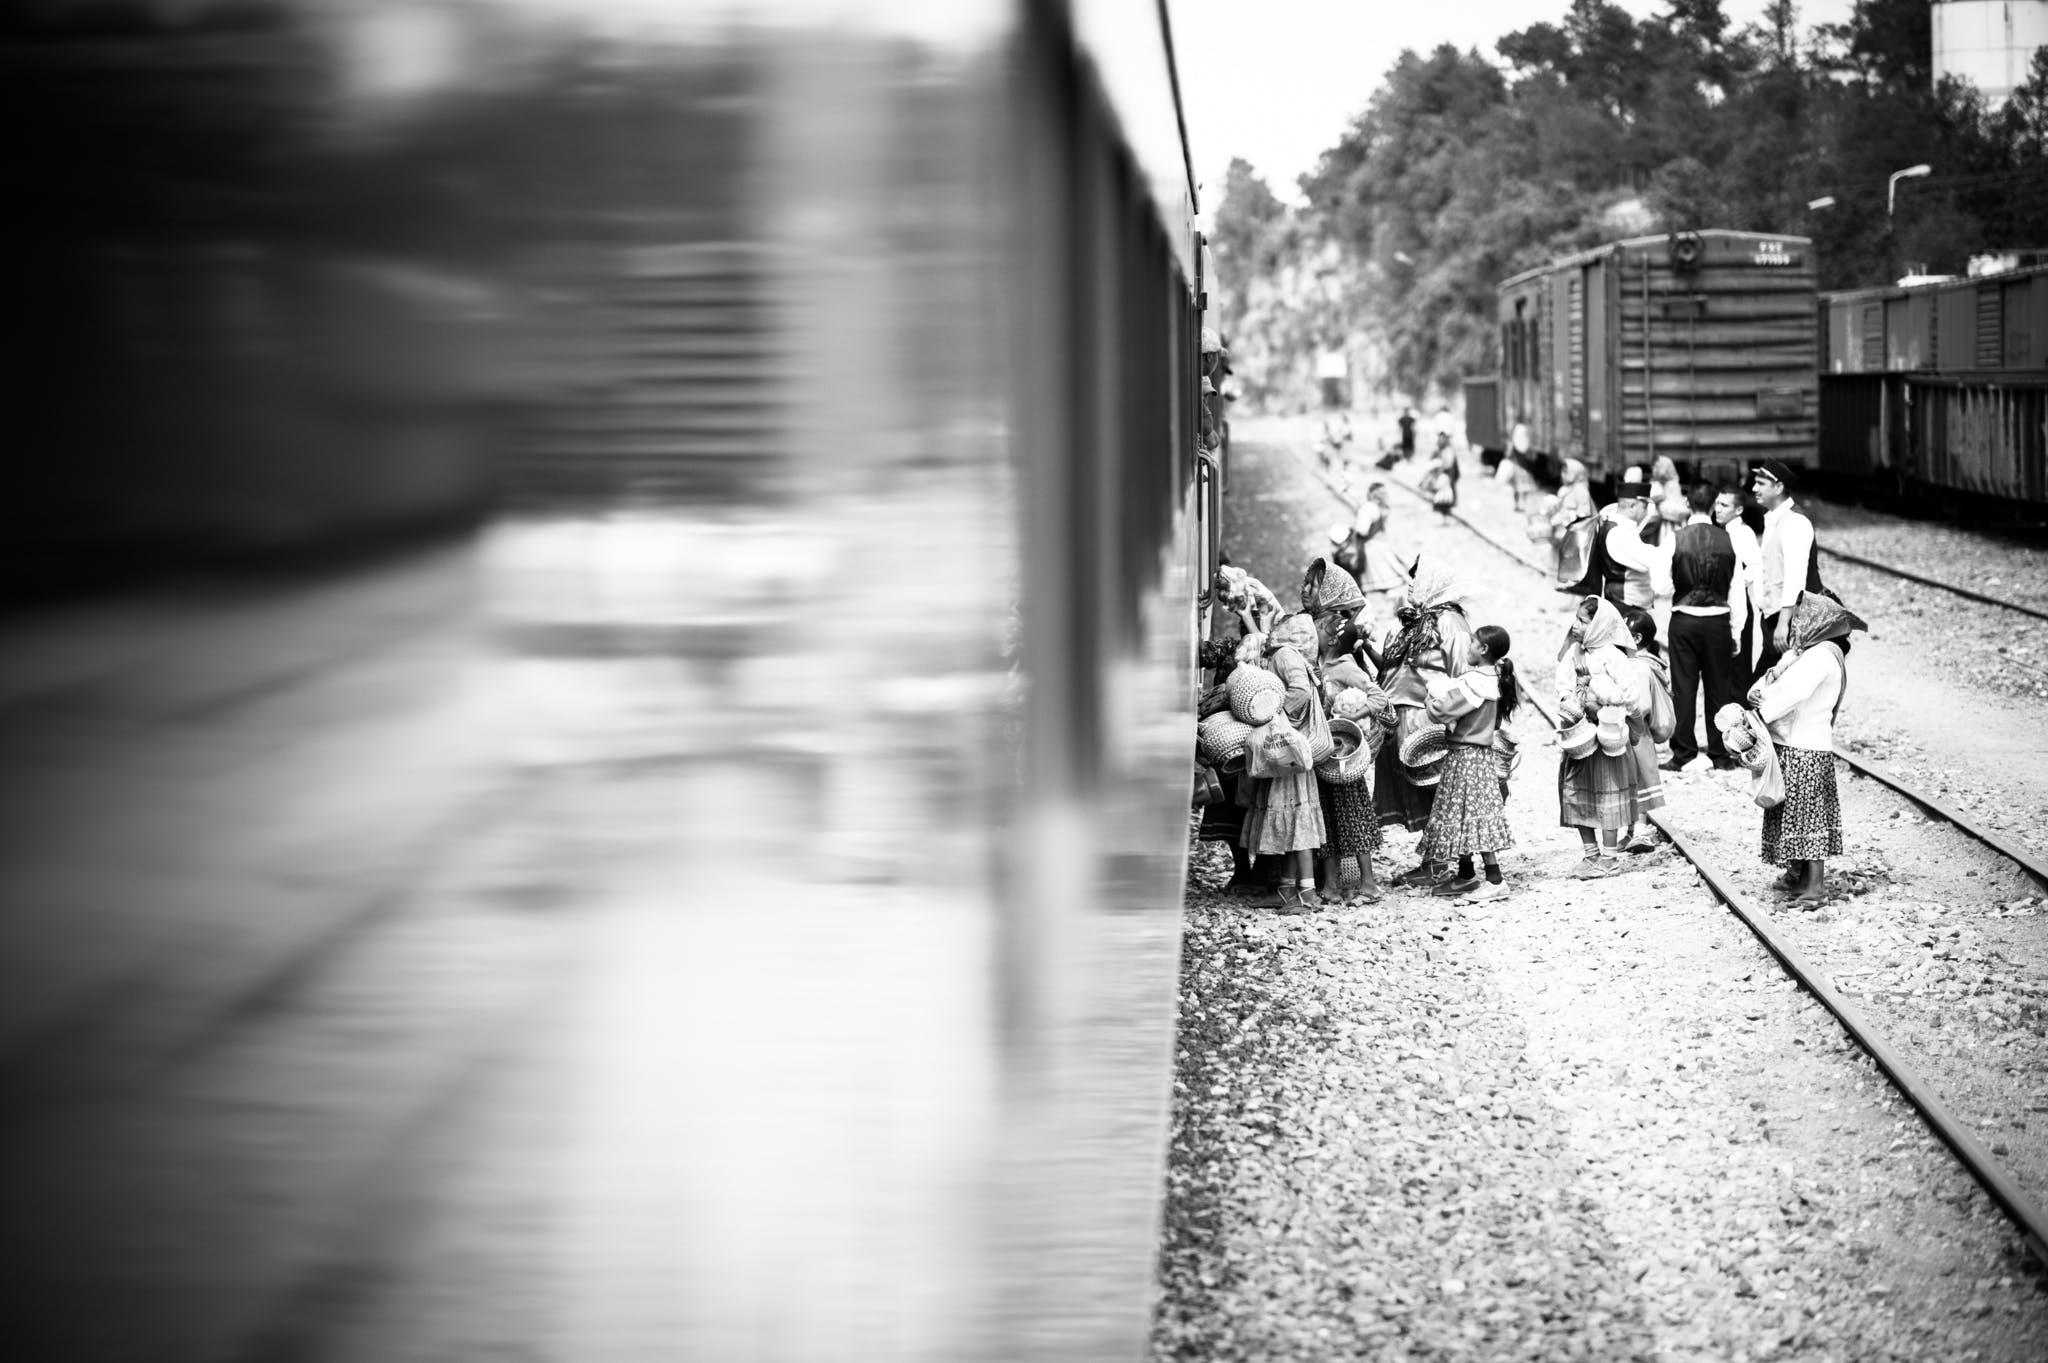 Δωρεάν στοκ φωτογραφιών με άνδρας, Άνθρωποι, αντανάκλαση, ασπρόμαυρο